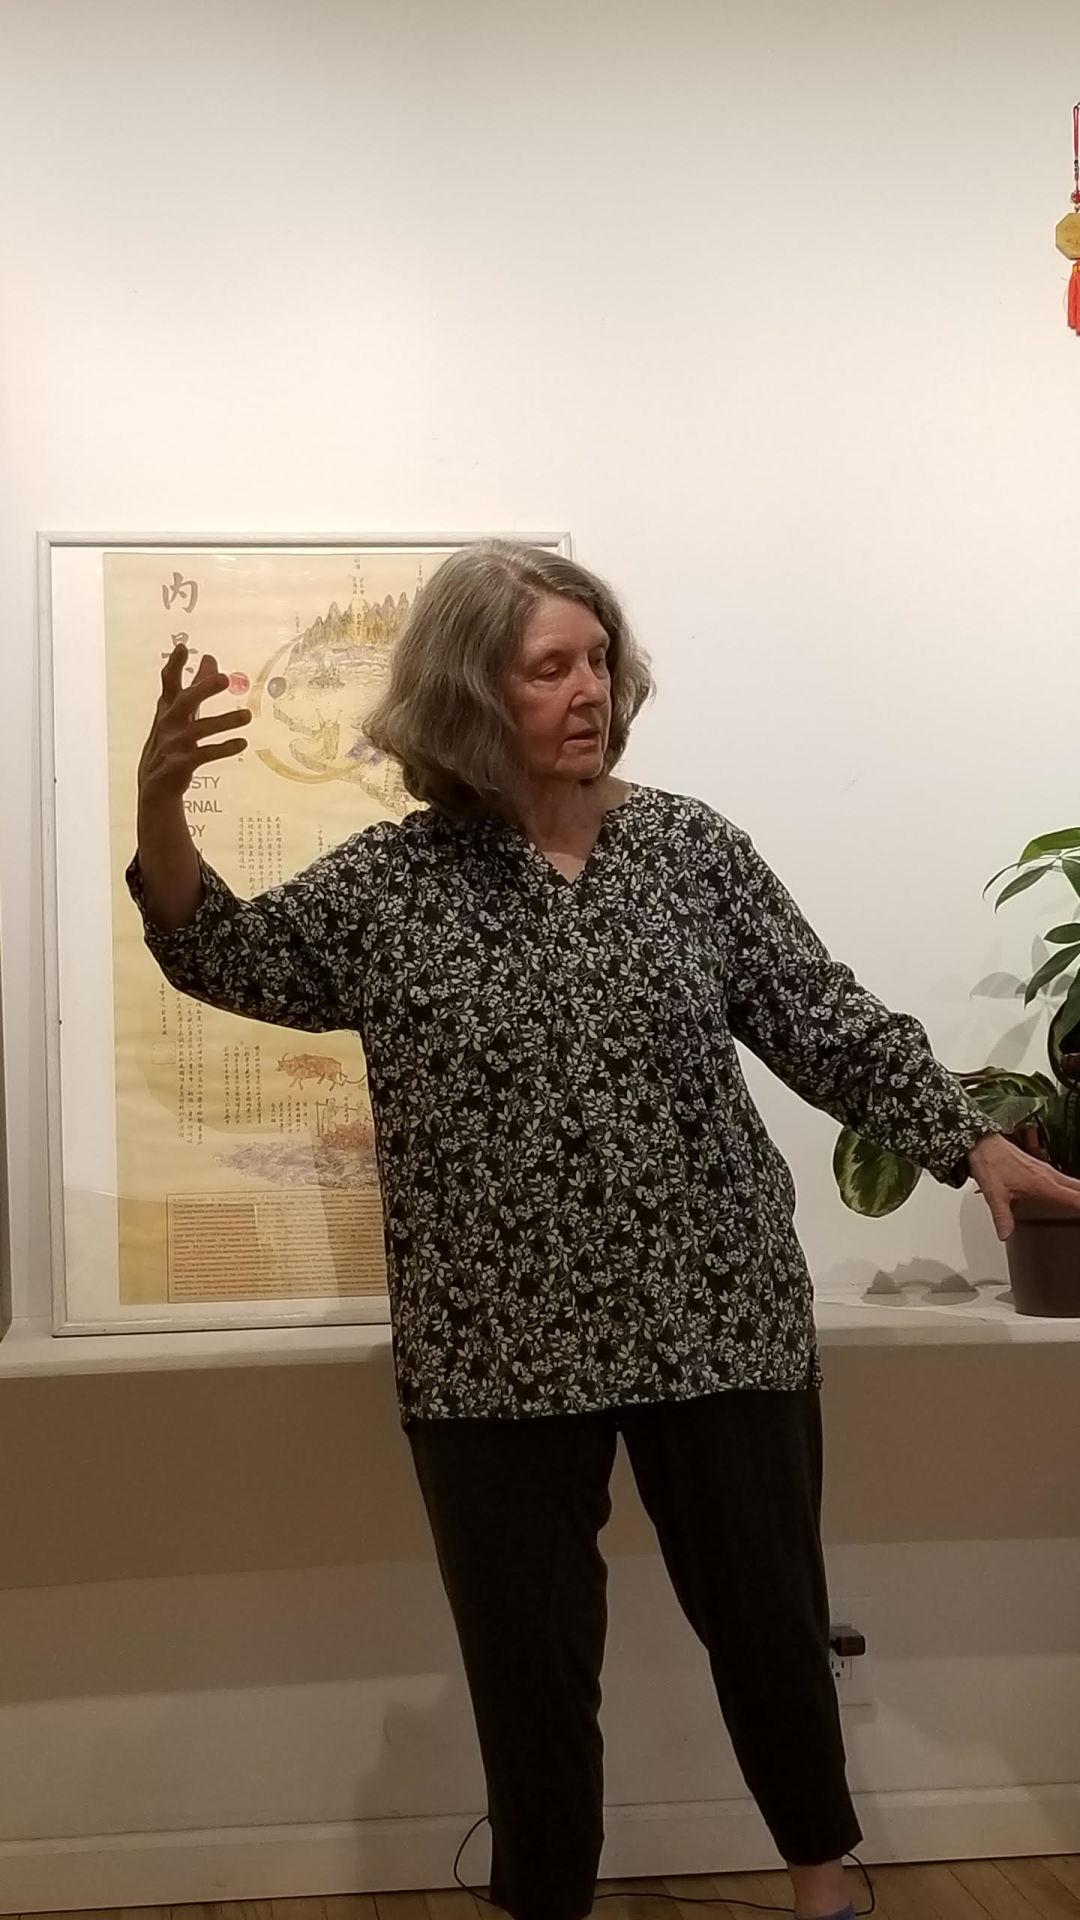 Mary Joan Waid